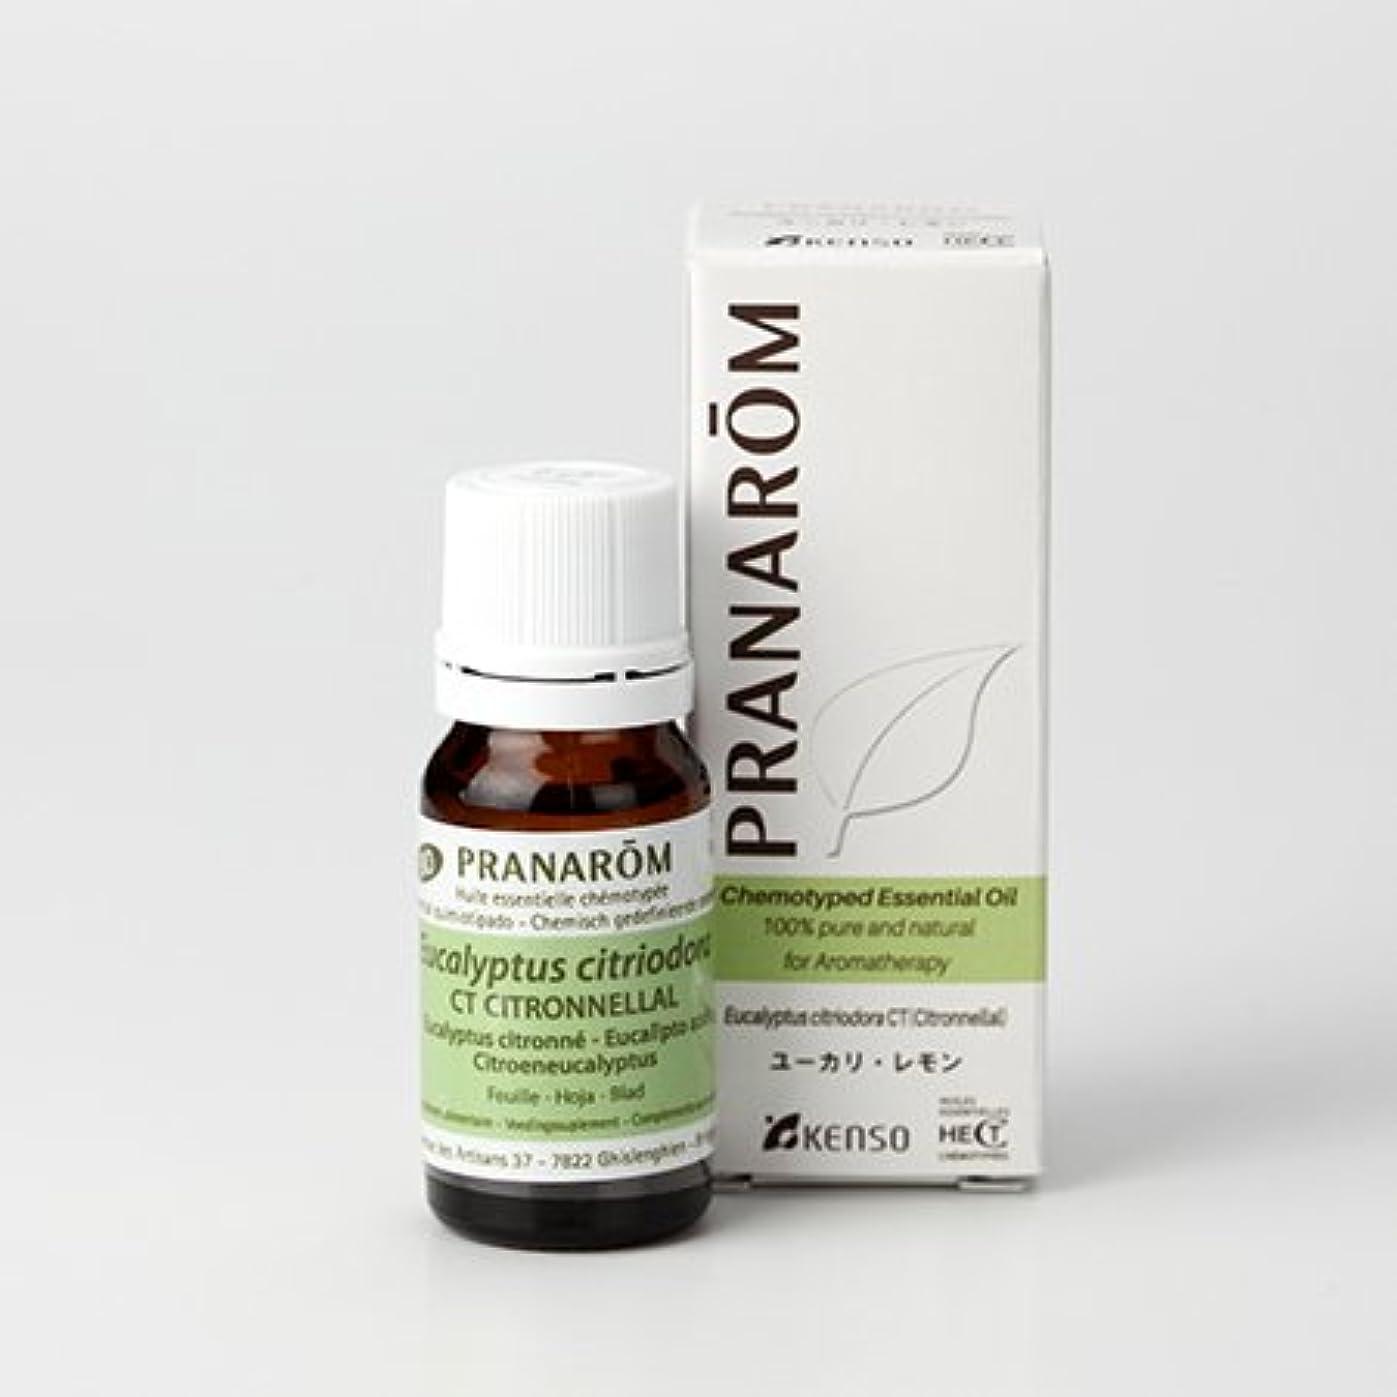 契約するストリップ挽くプラナロム ( PRANAROM ) 精油 ユーカリ?レモン 10ml p-65 ユーカリレモン